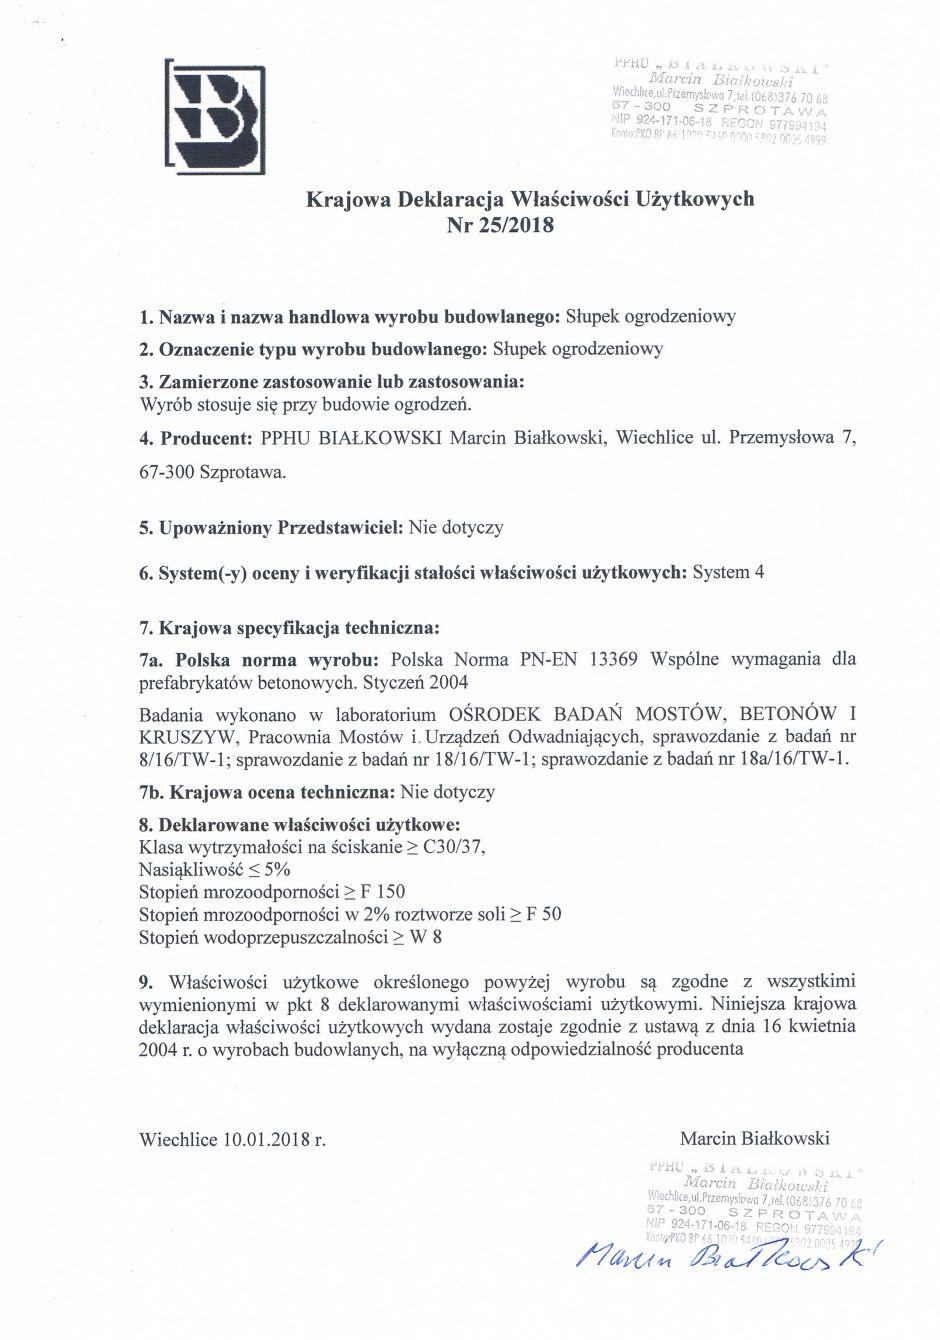 Krajowa Deklaracja Właściwości Użytkowych Nr 25/2018